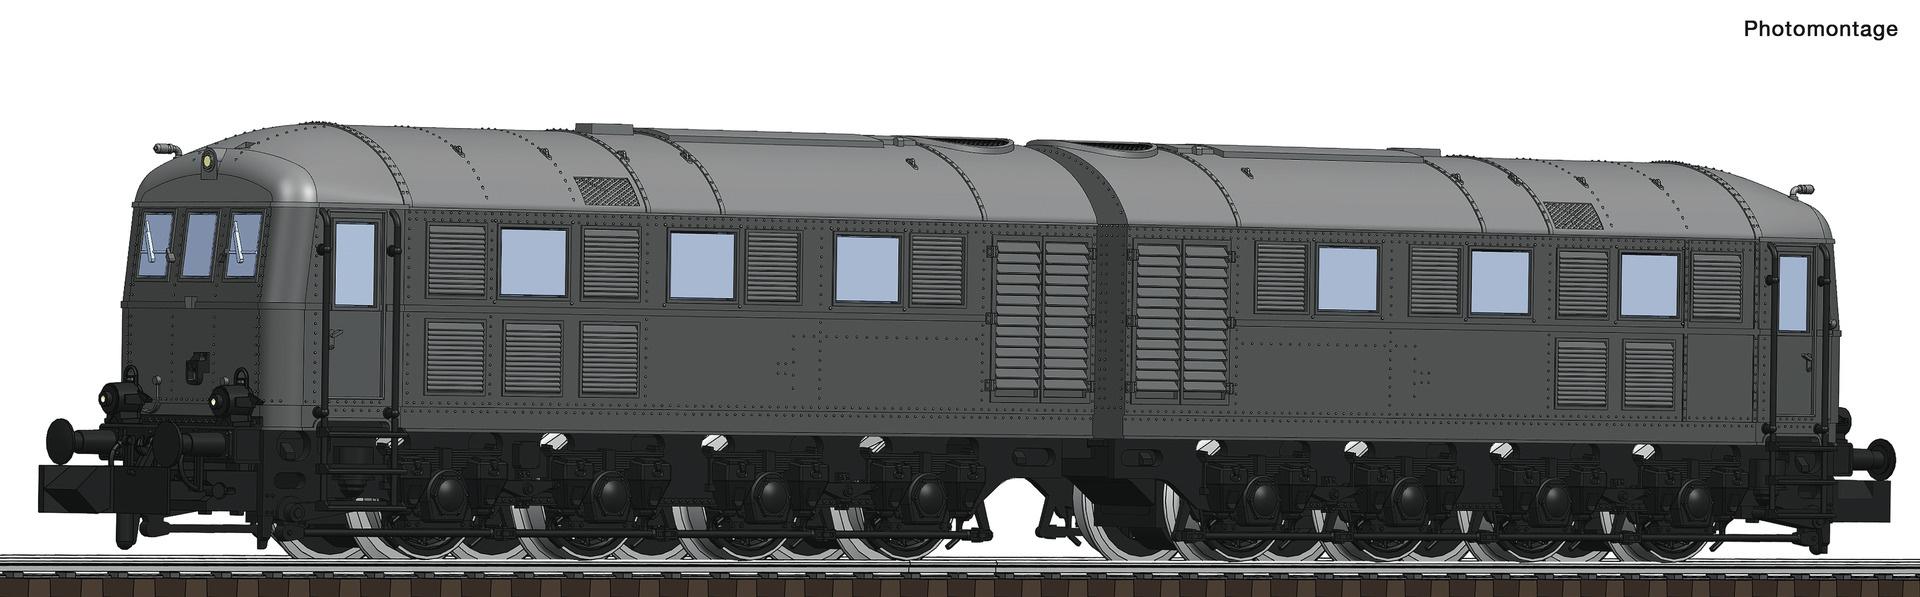 725171 dieselloc V188 met sound-1